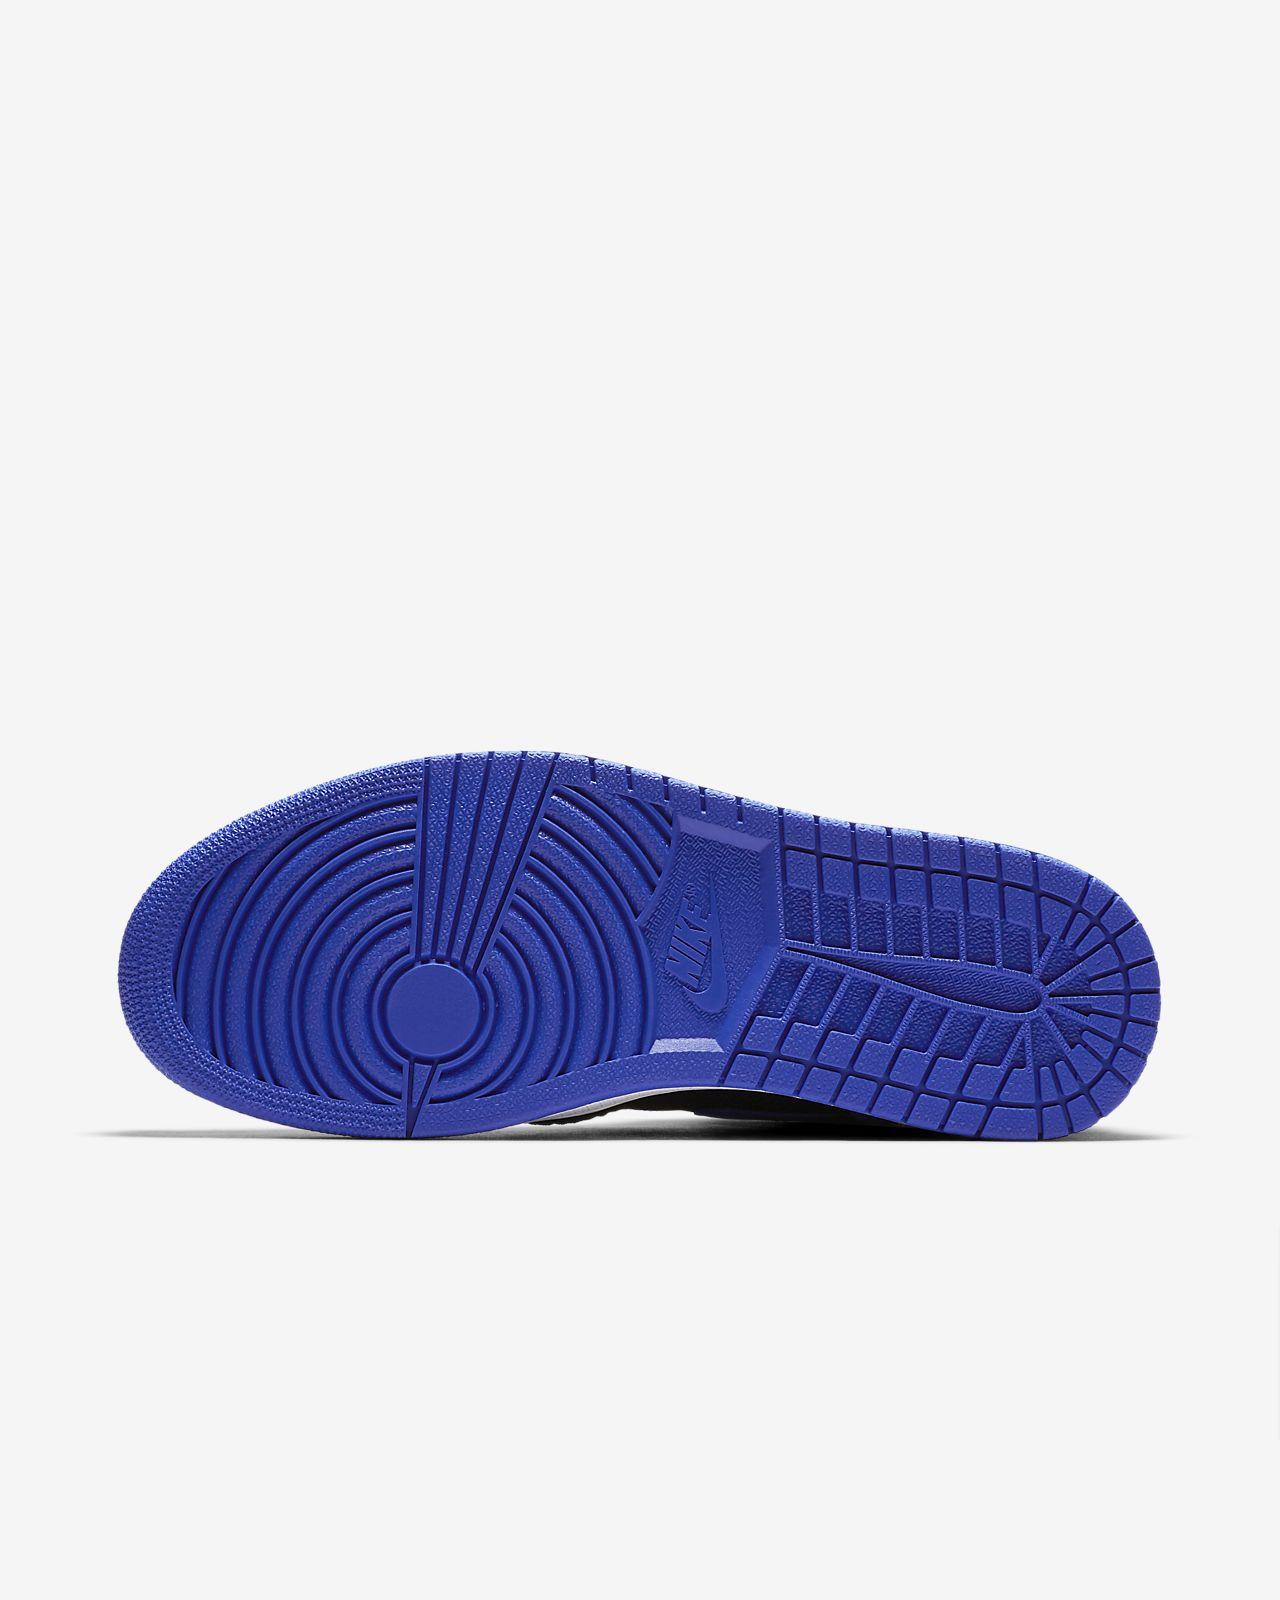 Calzado para hombre Air Jordan 1 Retro High Flyknit. Nike.com CL 913b888fecdb7